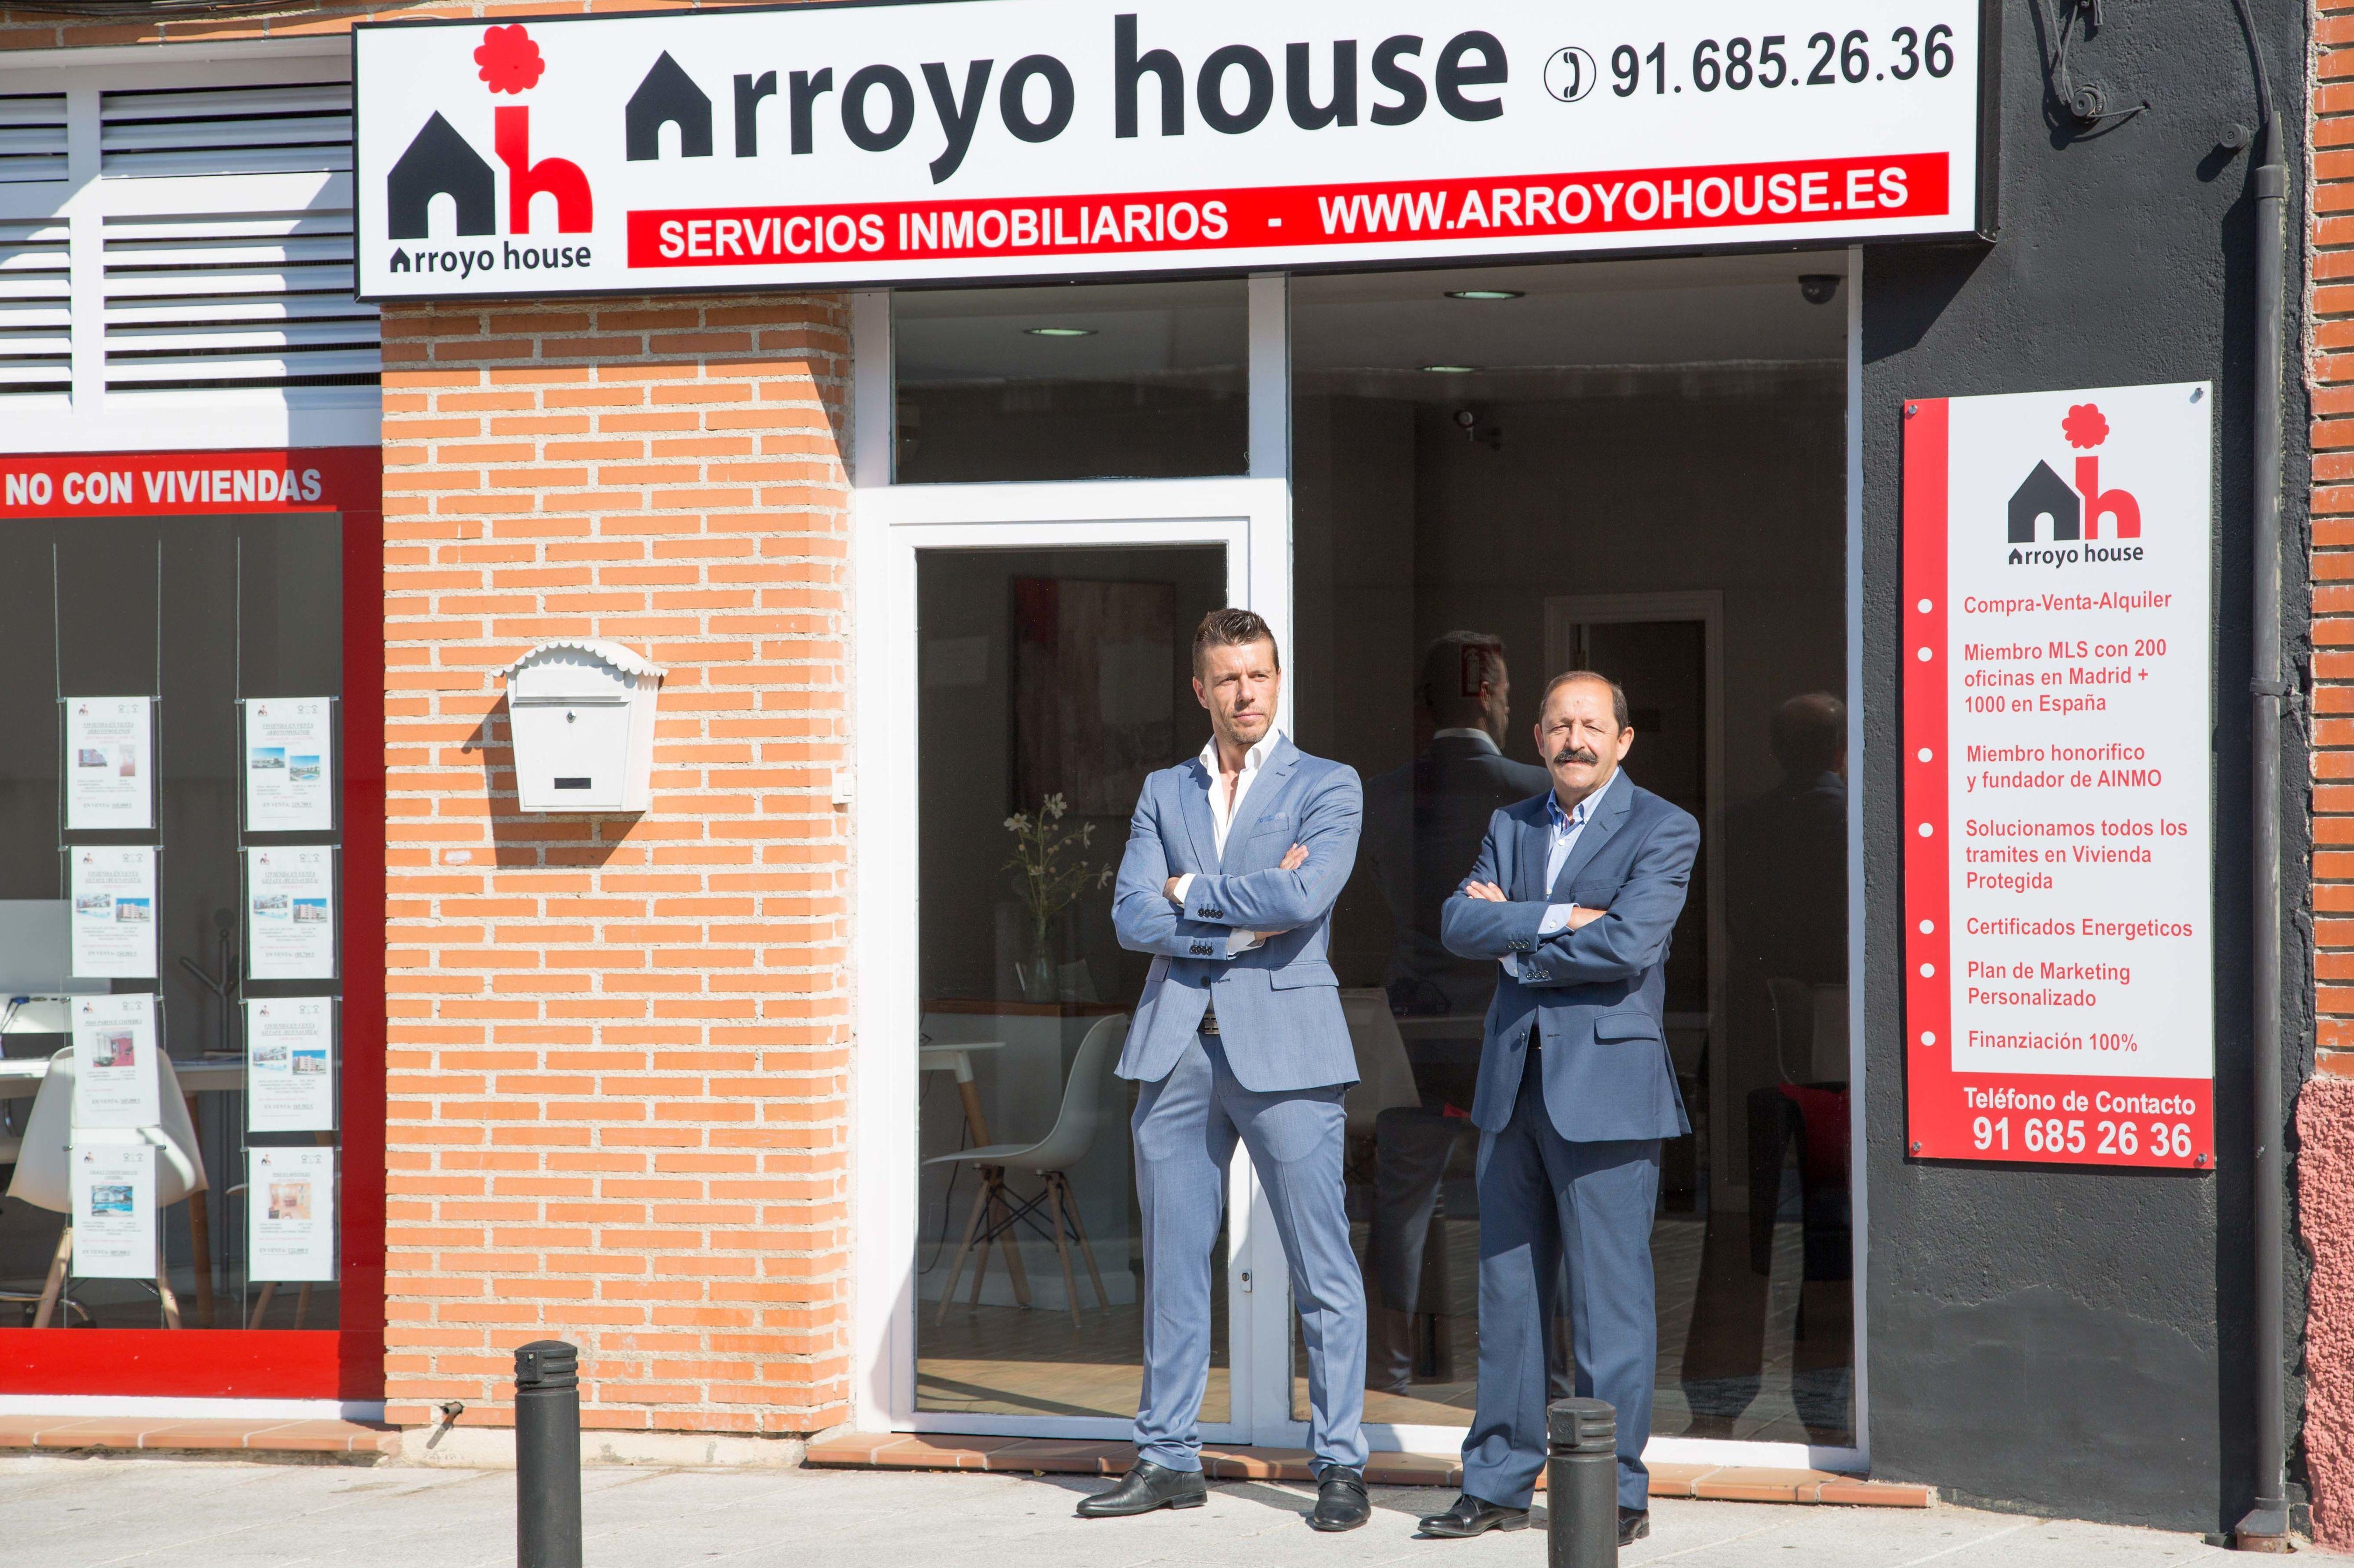 Foto 32 de Inmobiliarias en Arroyomolinos | Arroyo House